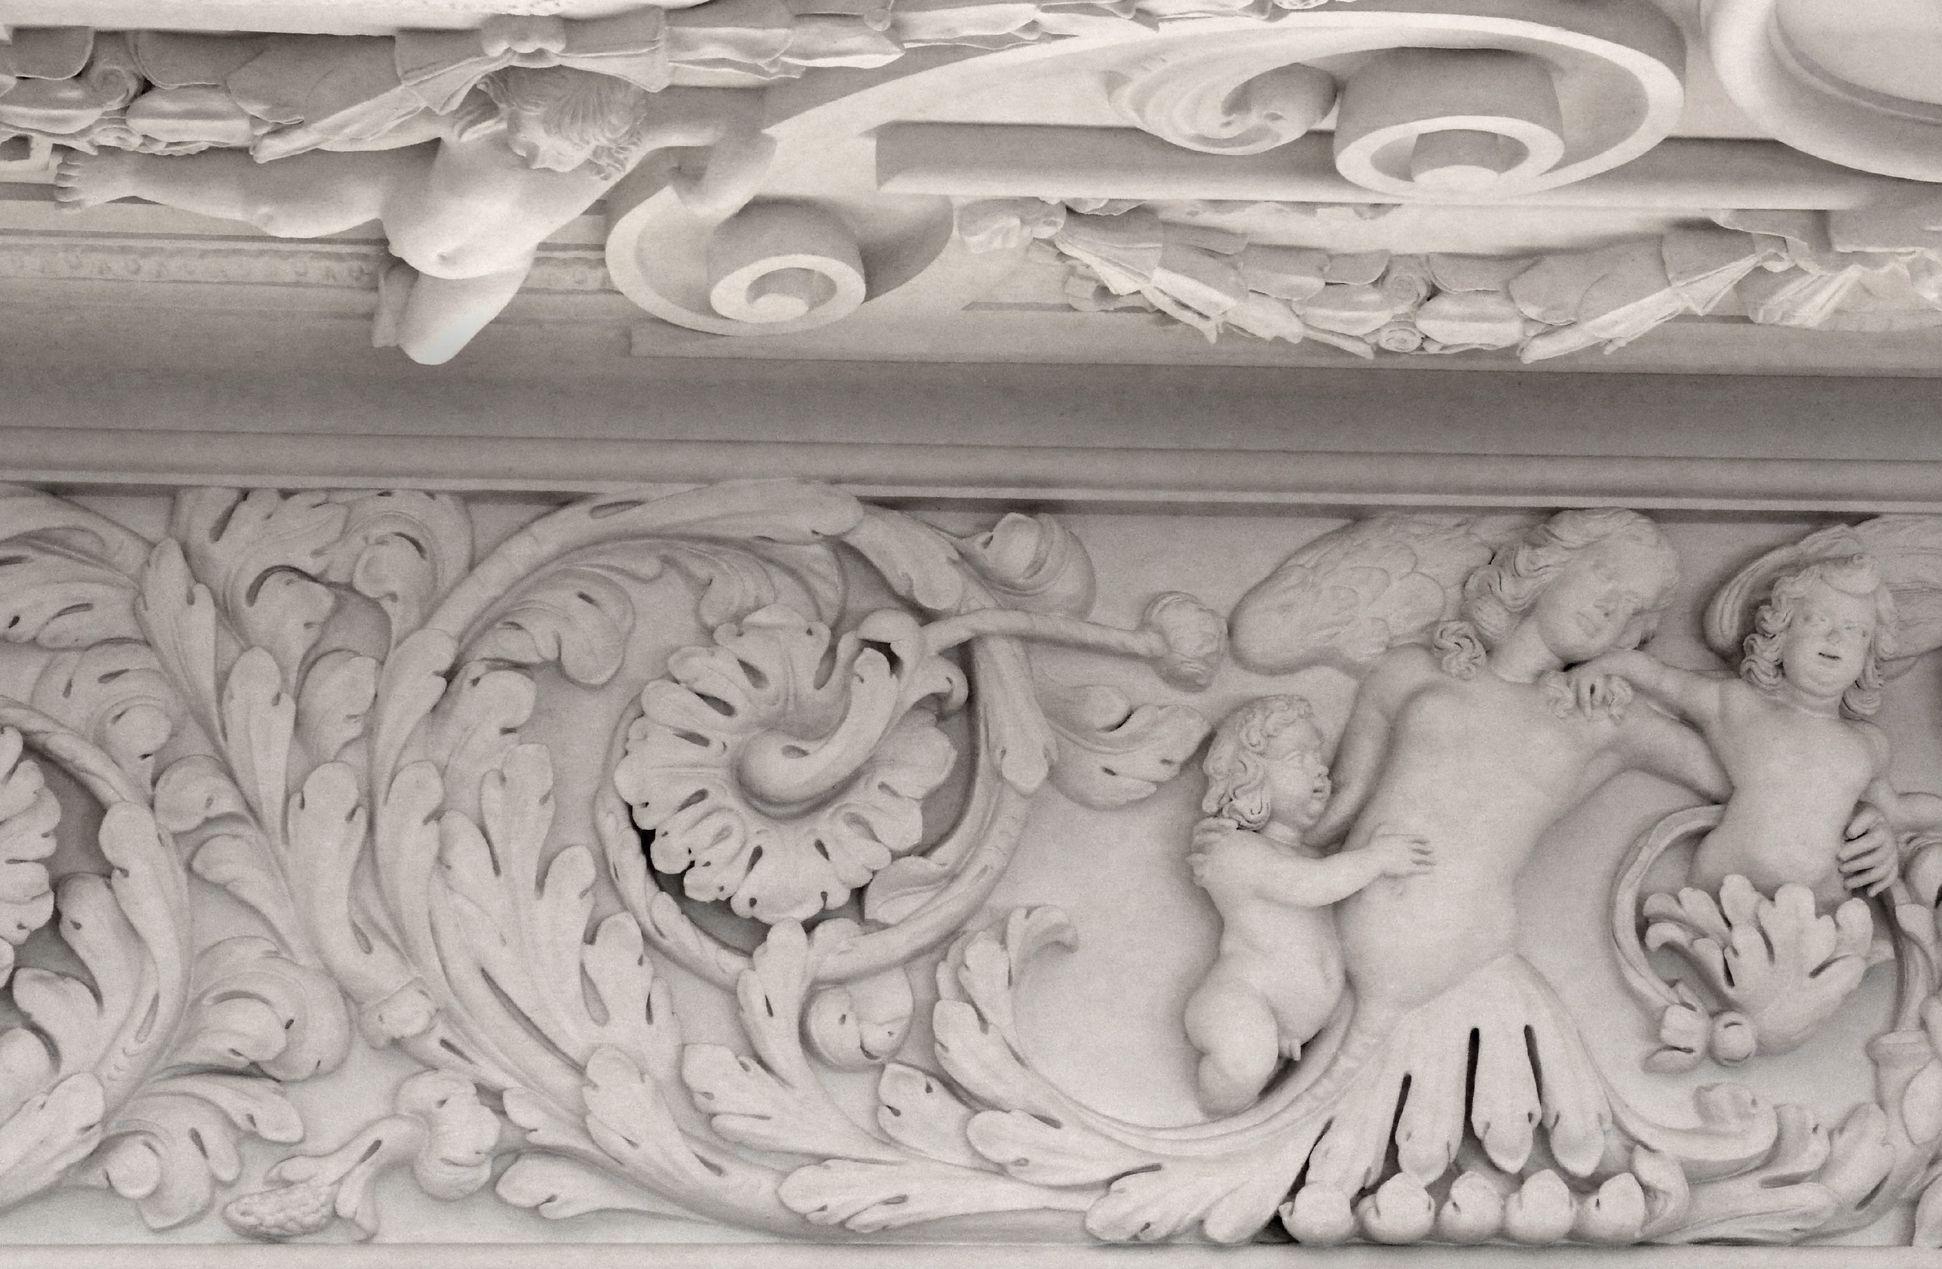 Brentano Saal Akanthusfries mit Fabelwesen und Putti